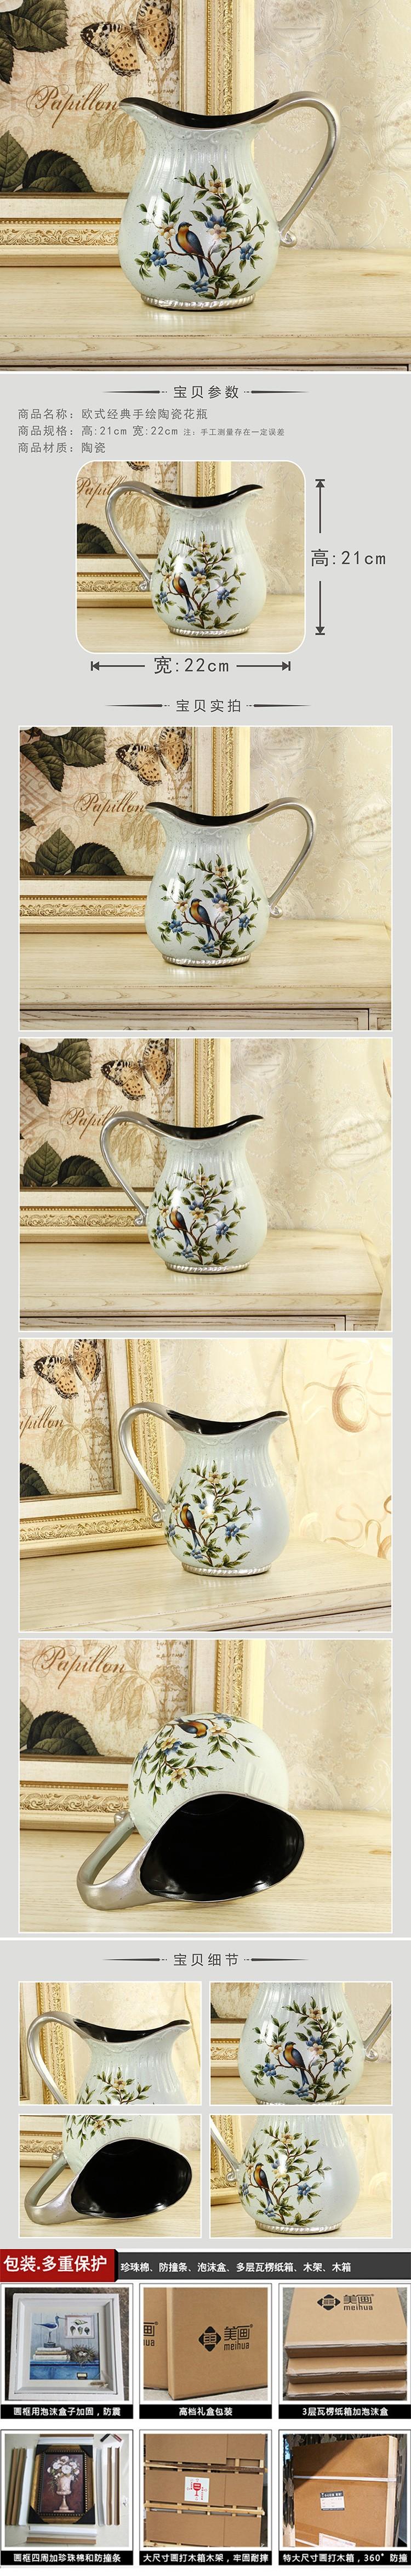 美画欧式手绘陶瓷花瓶